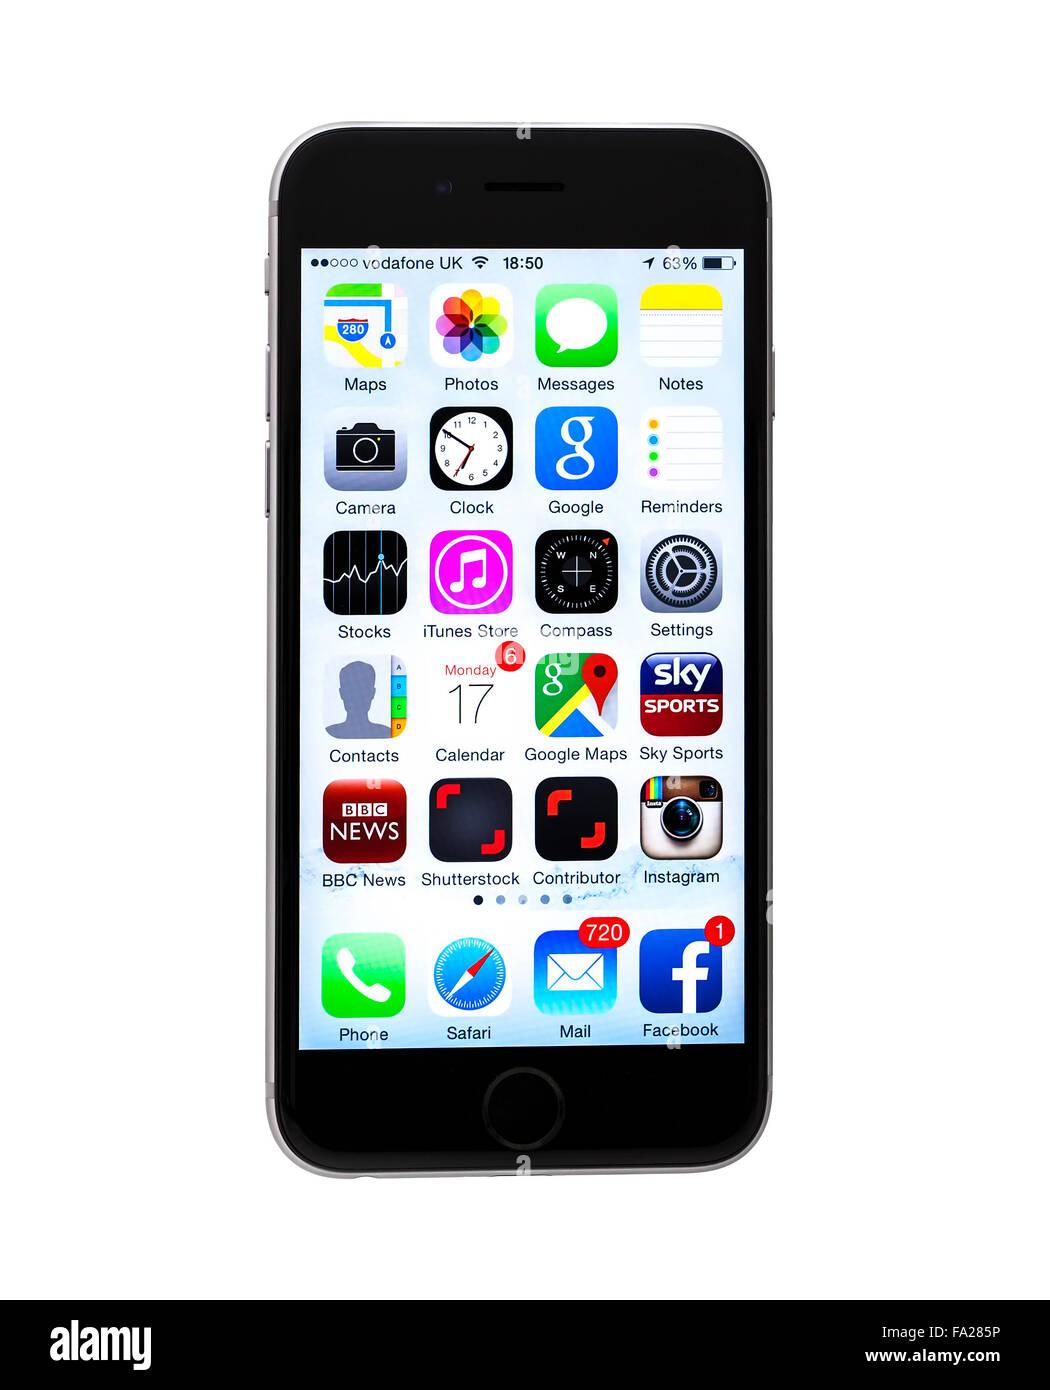 Le Nouveau Apple Iphone 6 Sur Un Fond Blanc Montrant L Ecran De L